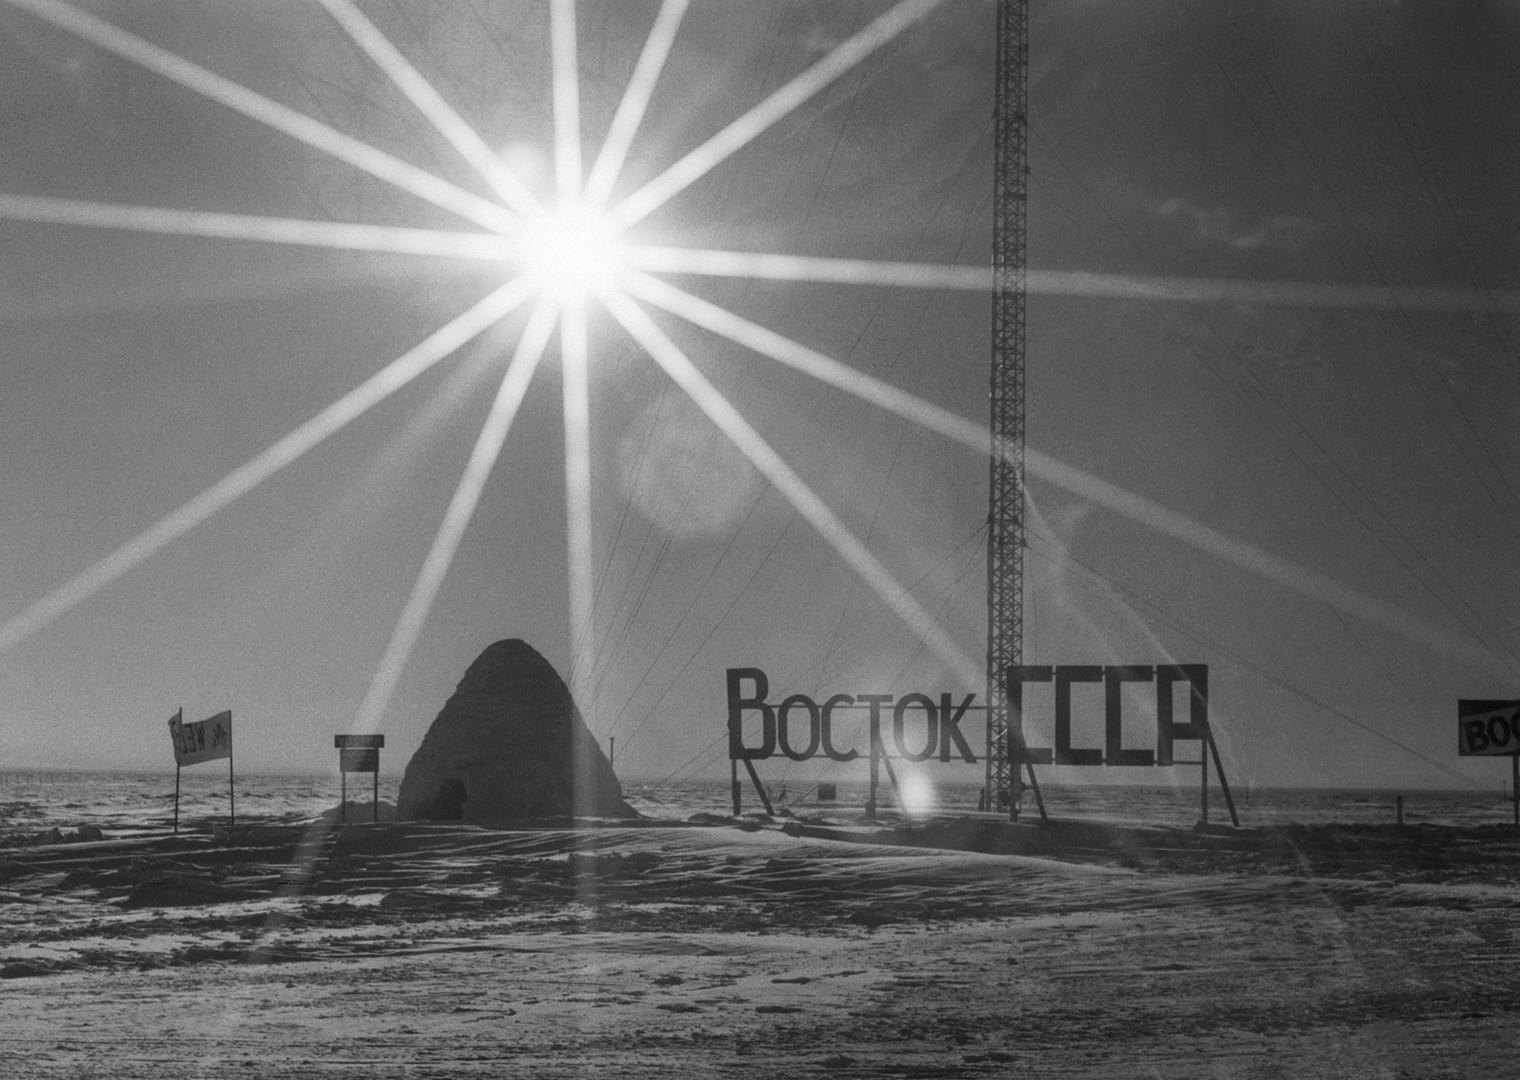 La estación rusa Vostok en la Antártida, 1994.